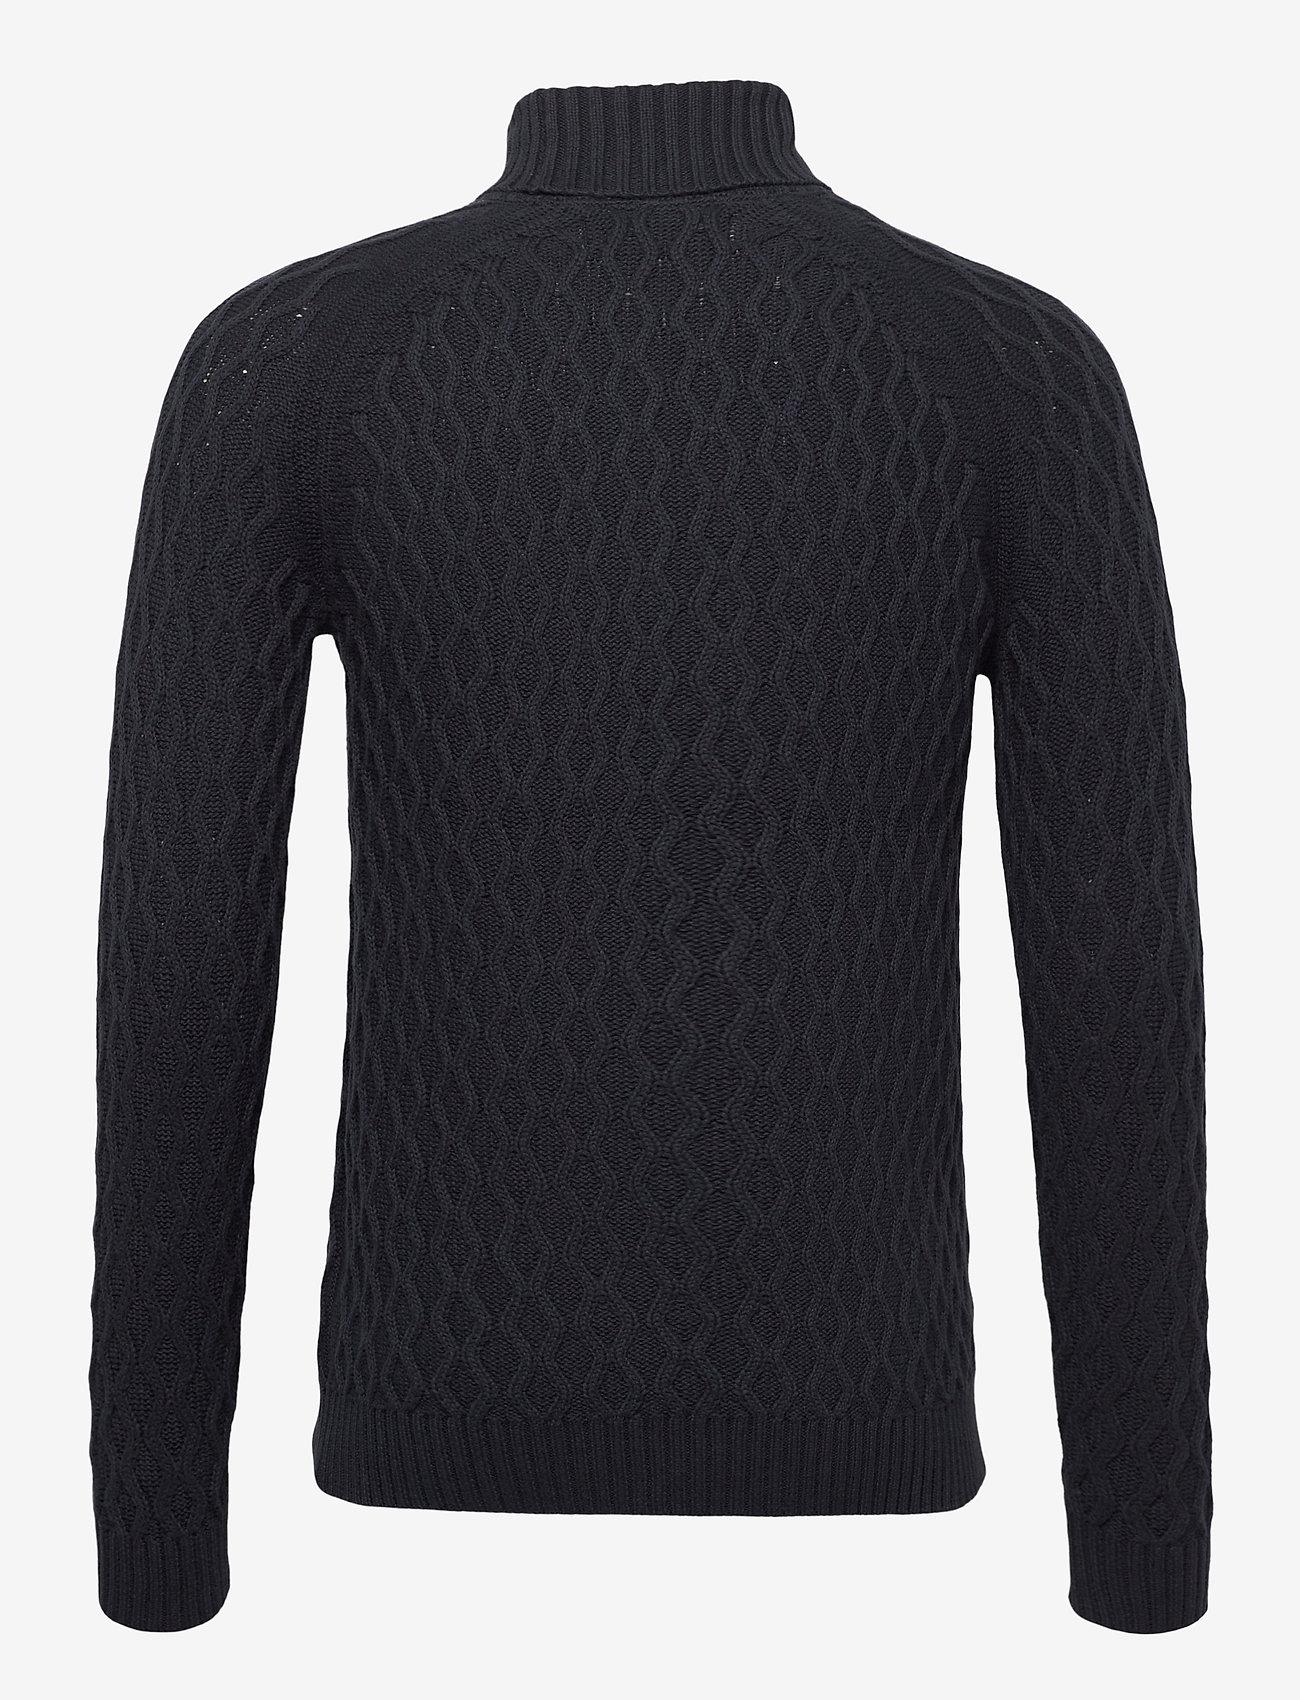 Blend - Pullover - basic gebreide truien - dark navy - 1